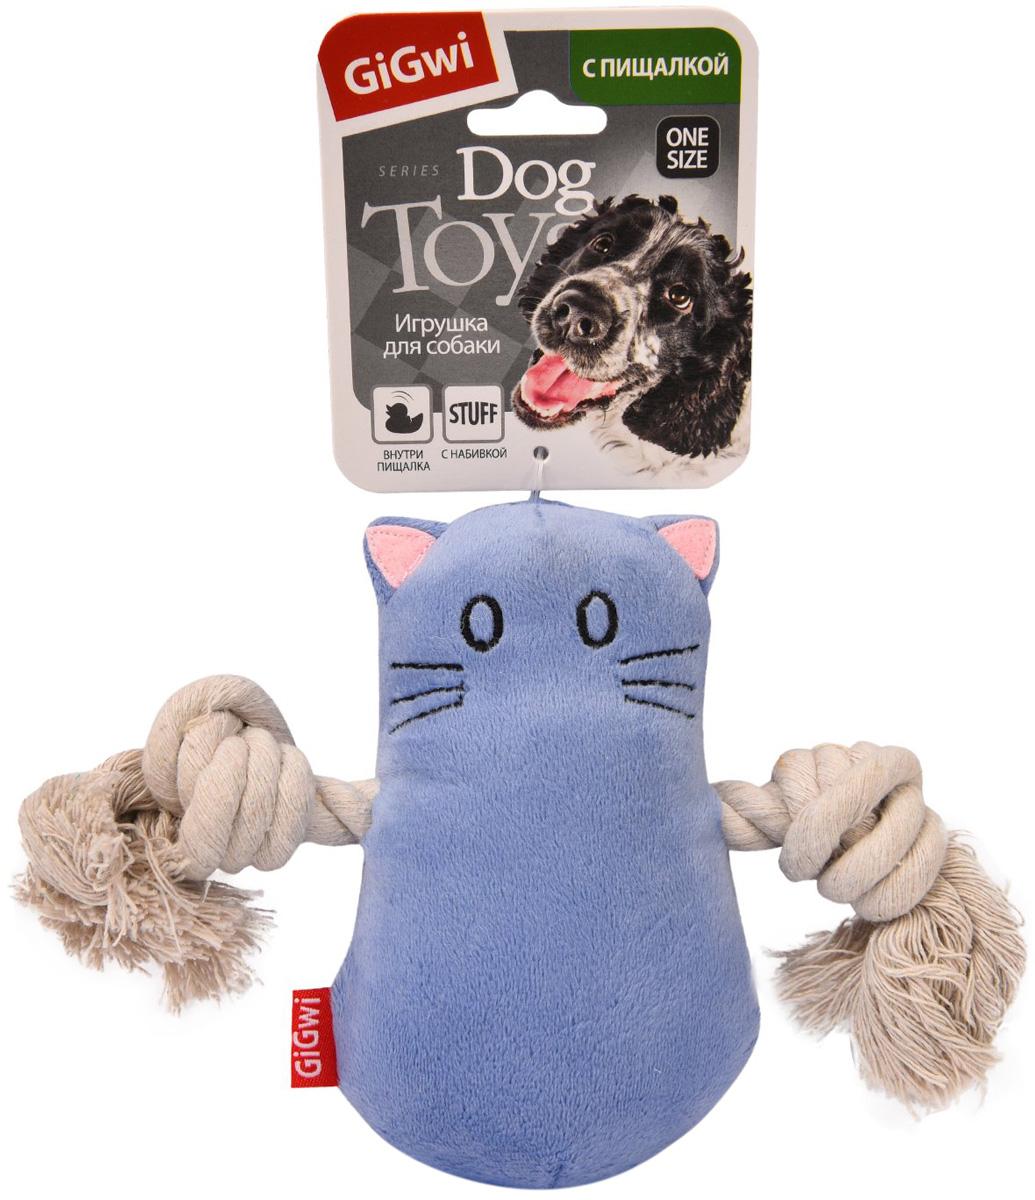 Игрушка для собак GiGwi Кот с пищалкой 15 см (1 шт)